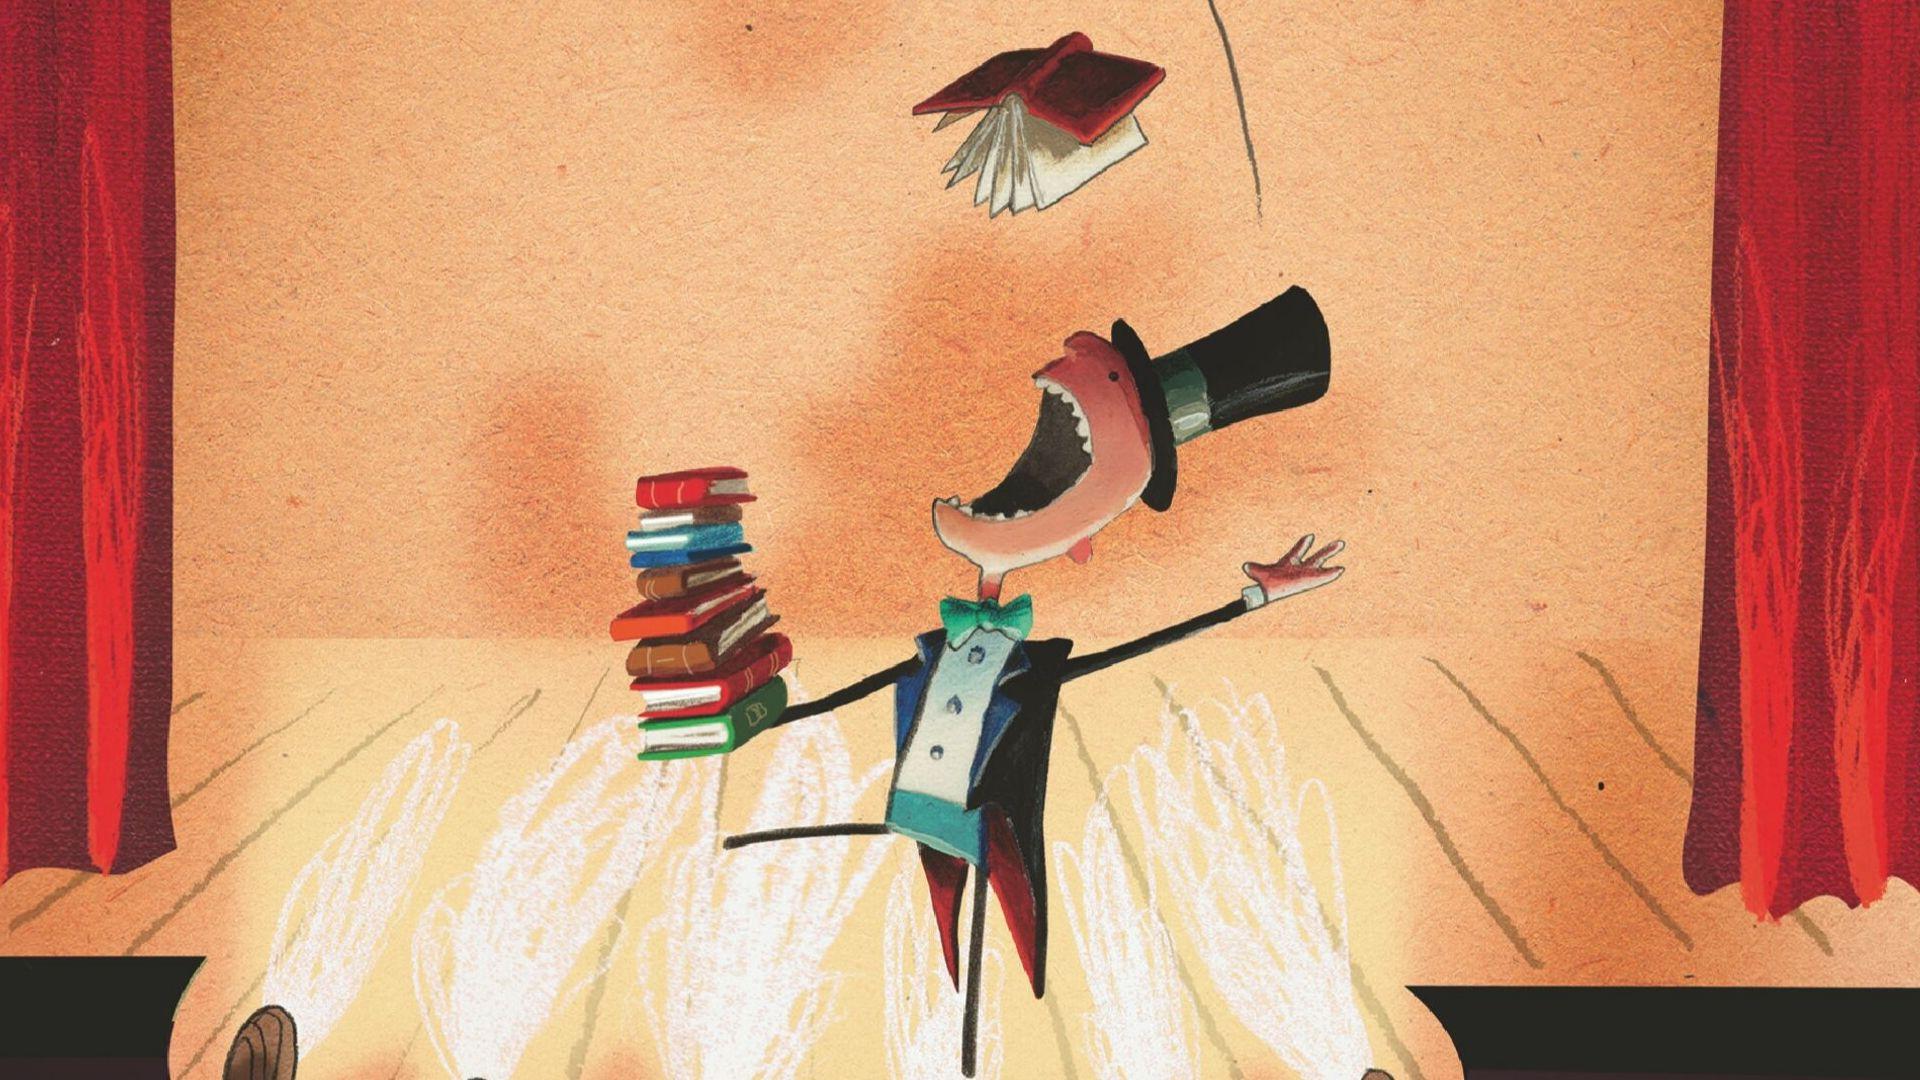 Læselyst, læseglæde, børnebog, børnebøger, Oliver Jeffers, Den fantastiske bogslugende dreng